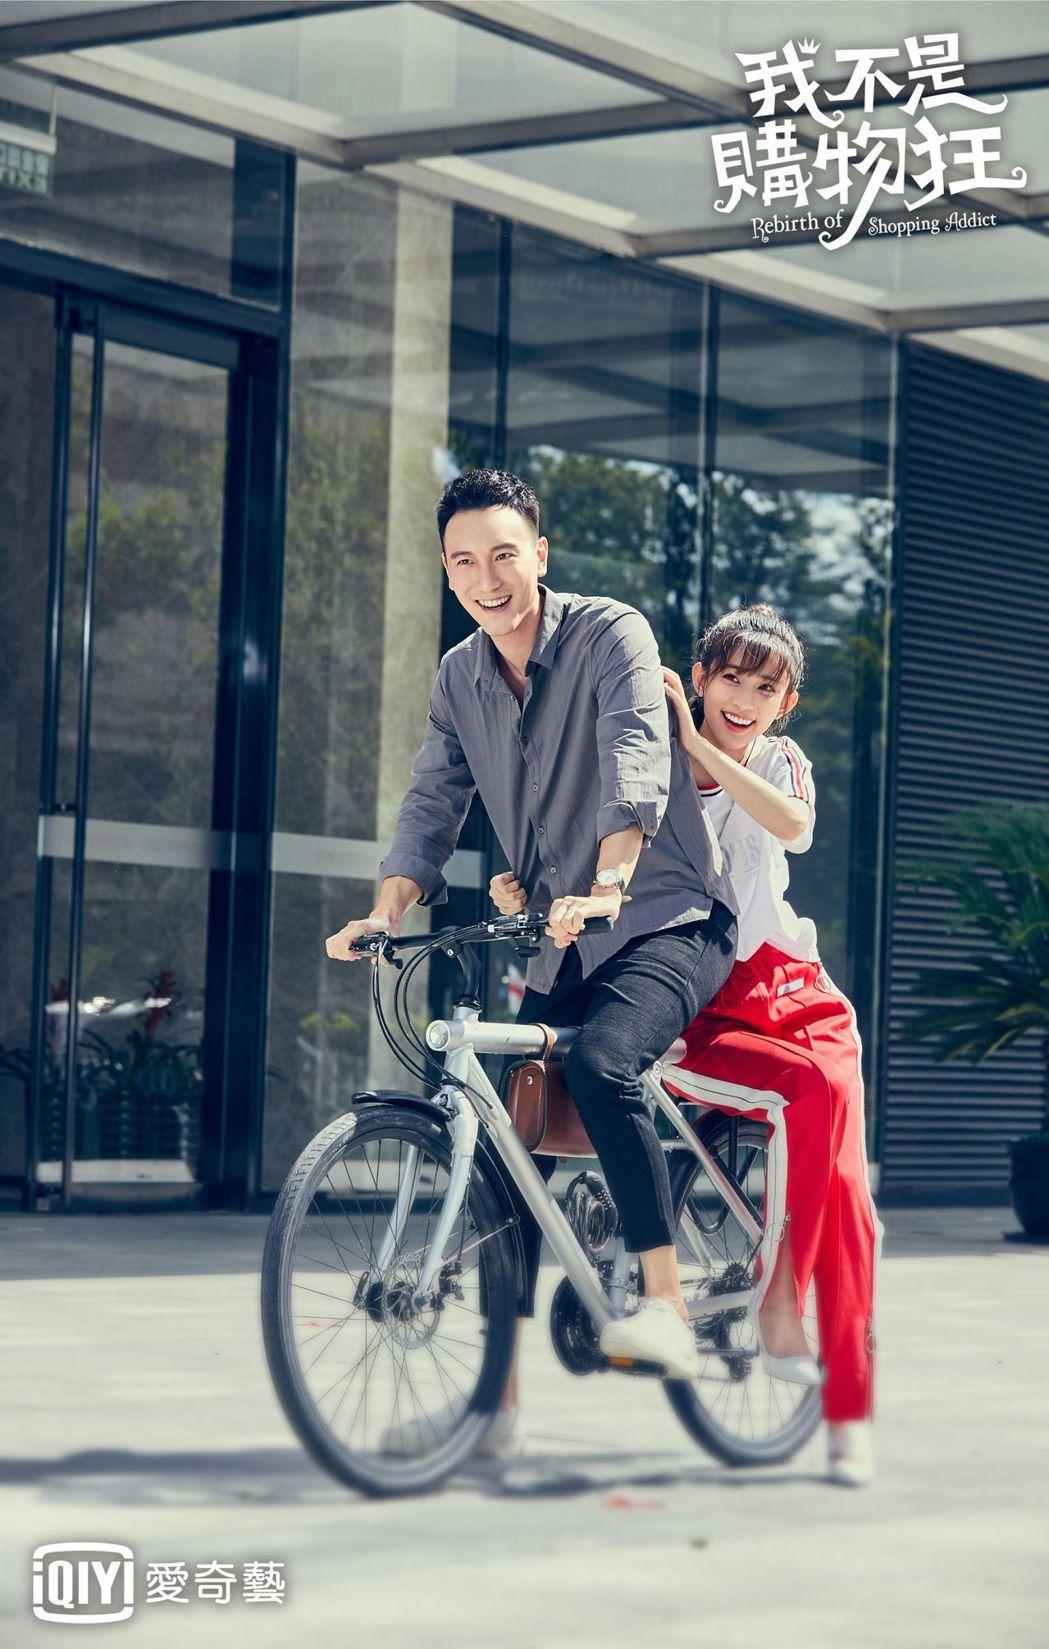 王陽明(左)、孟子義在「我不是購物狂」戲中分別飾演傲嬌總裁與破產千金。圖/愛奇藝